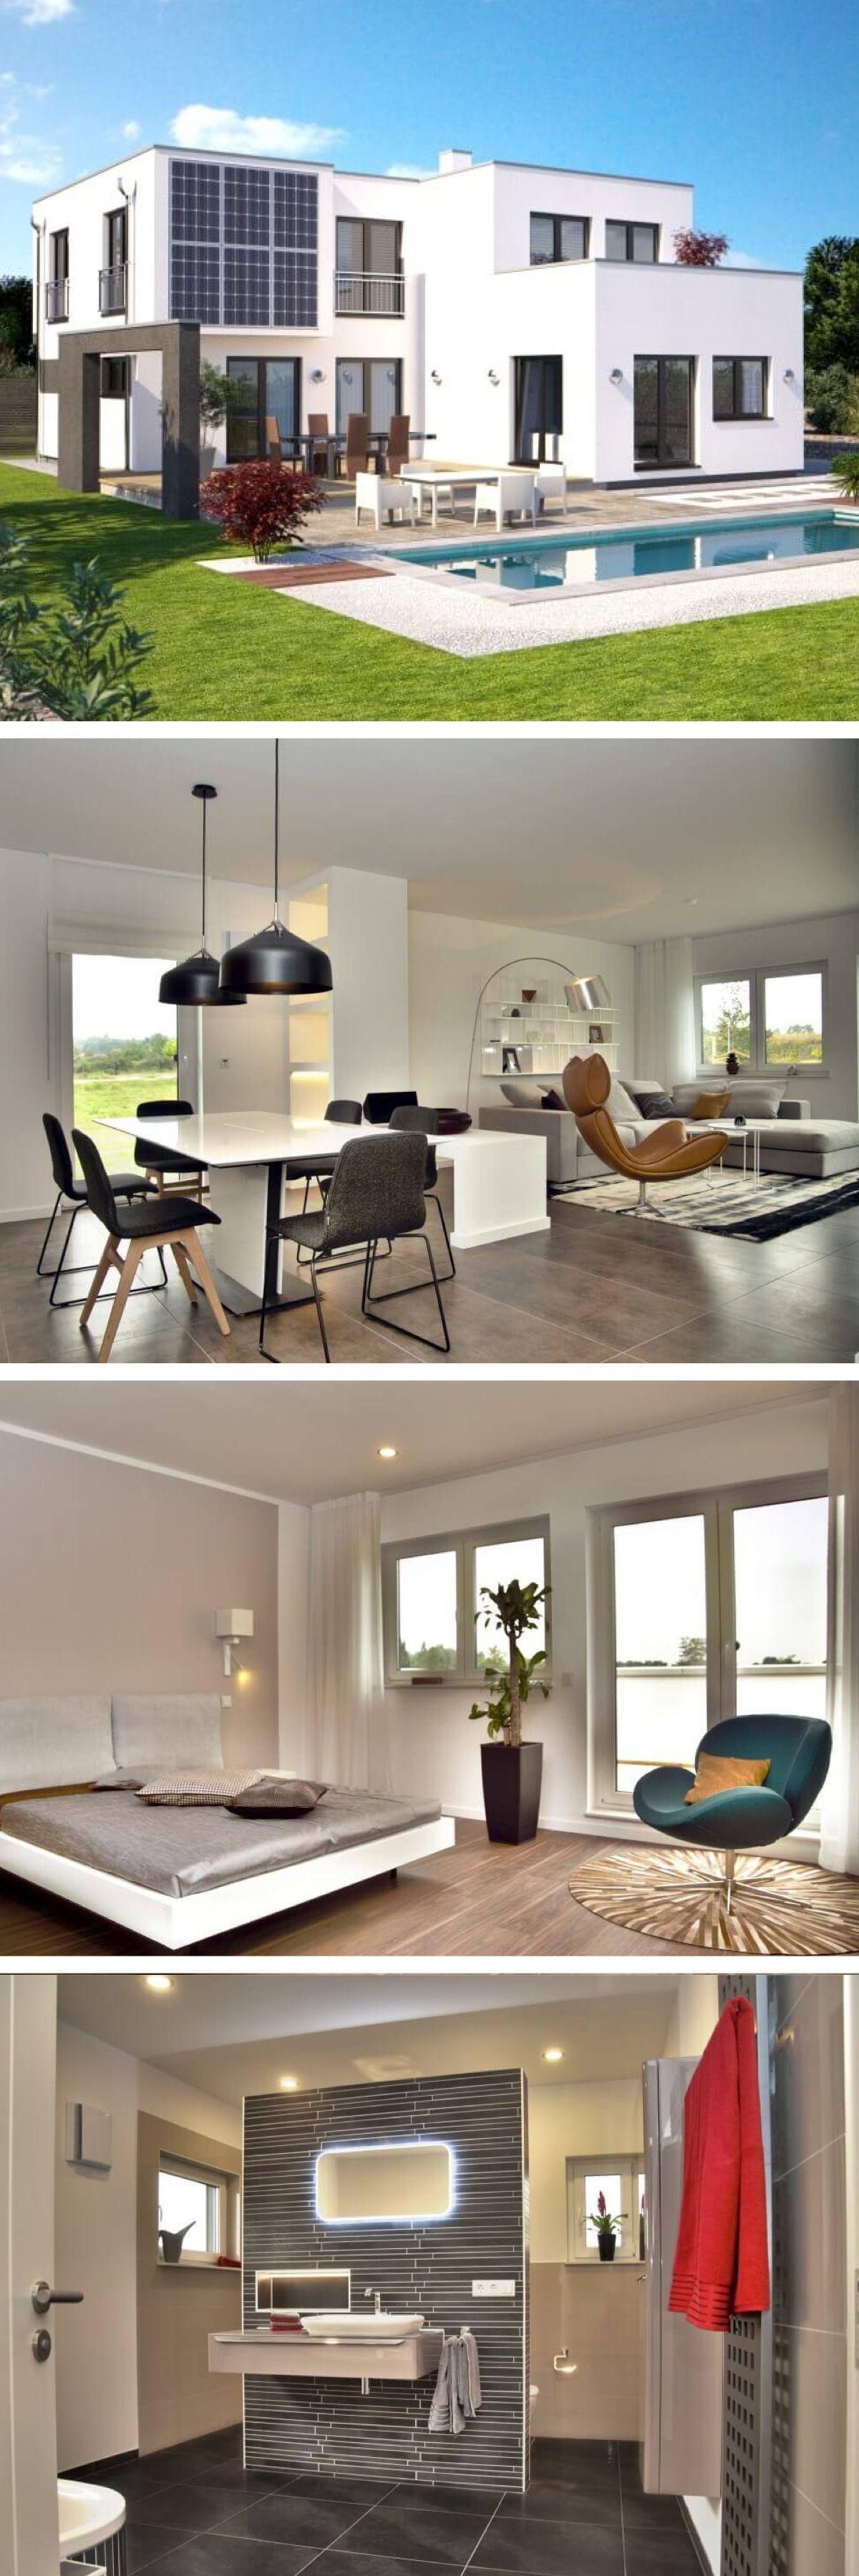 Modernes Design Haus im Bauhausstil mit Flachdach Architektur ...